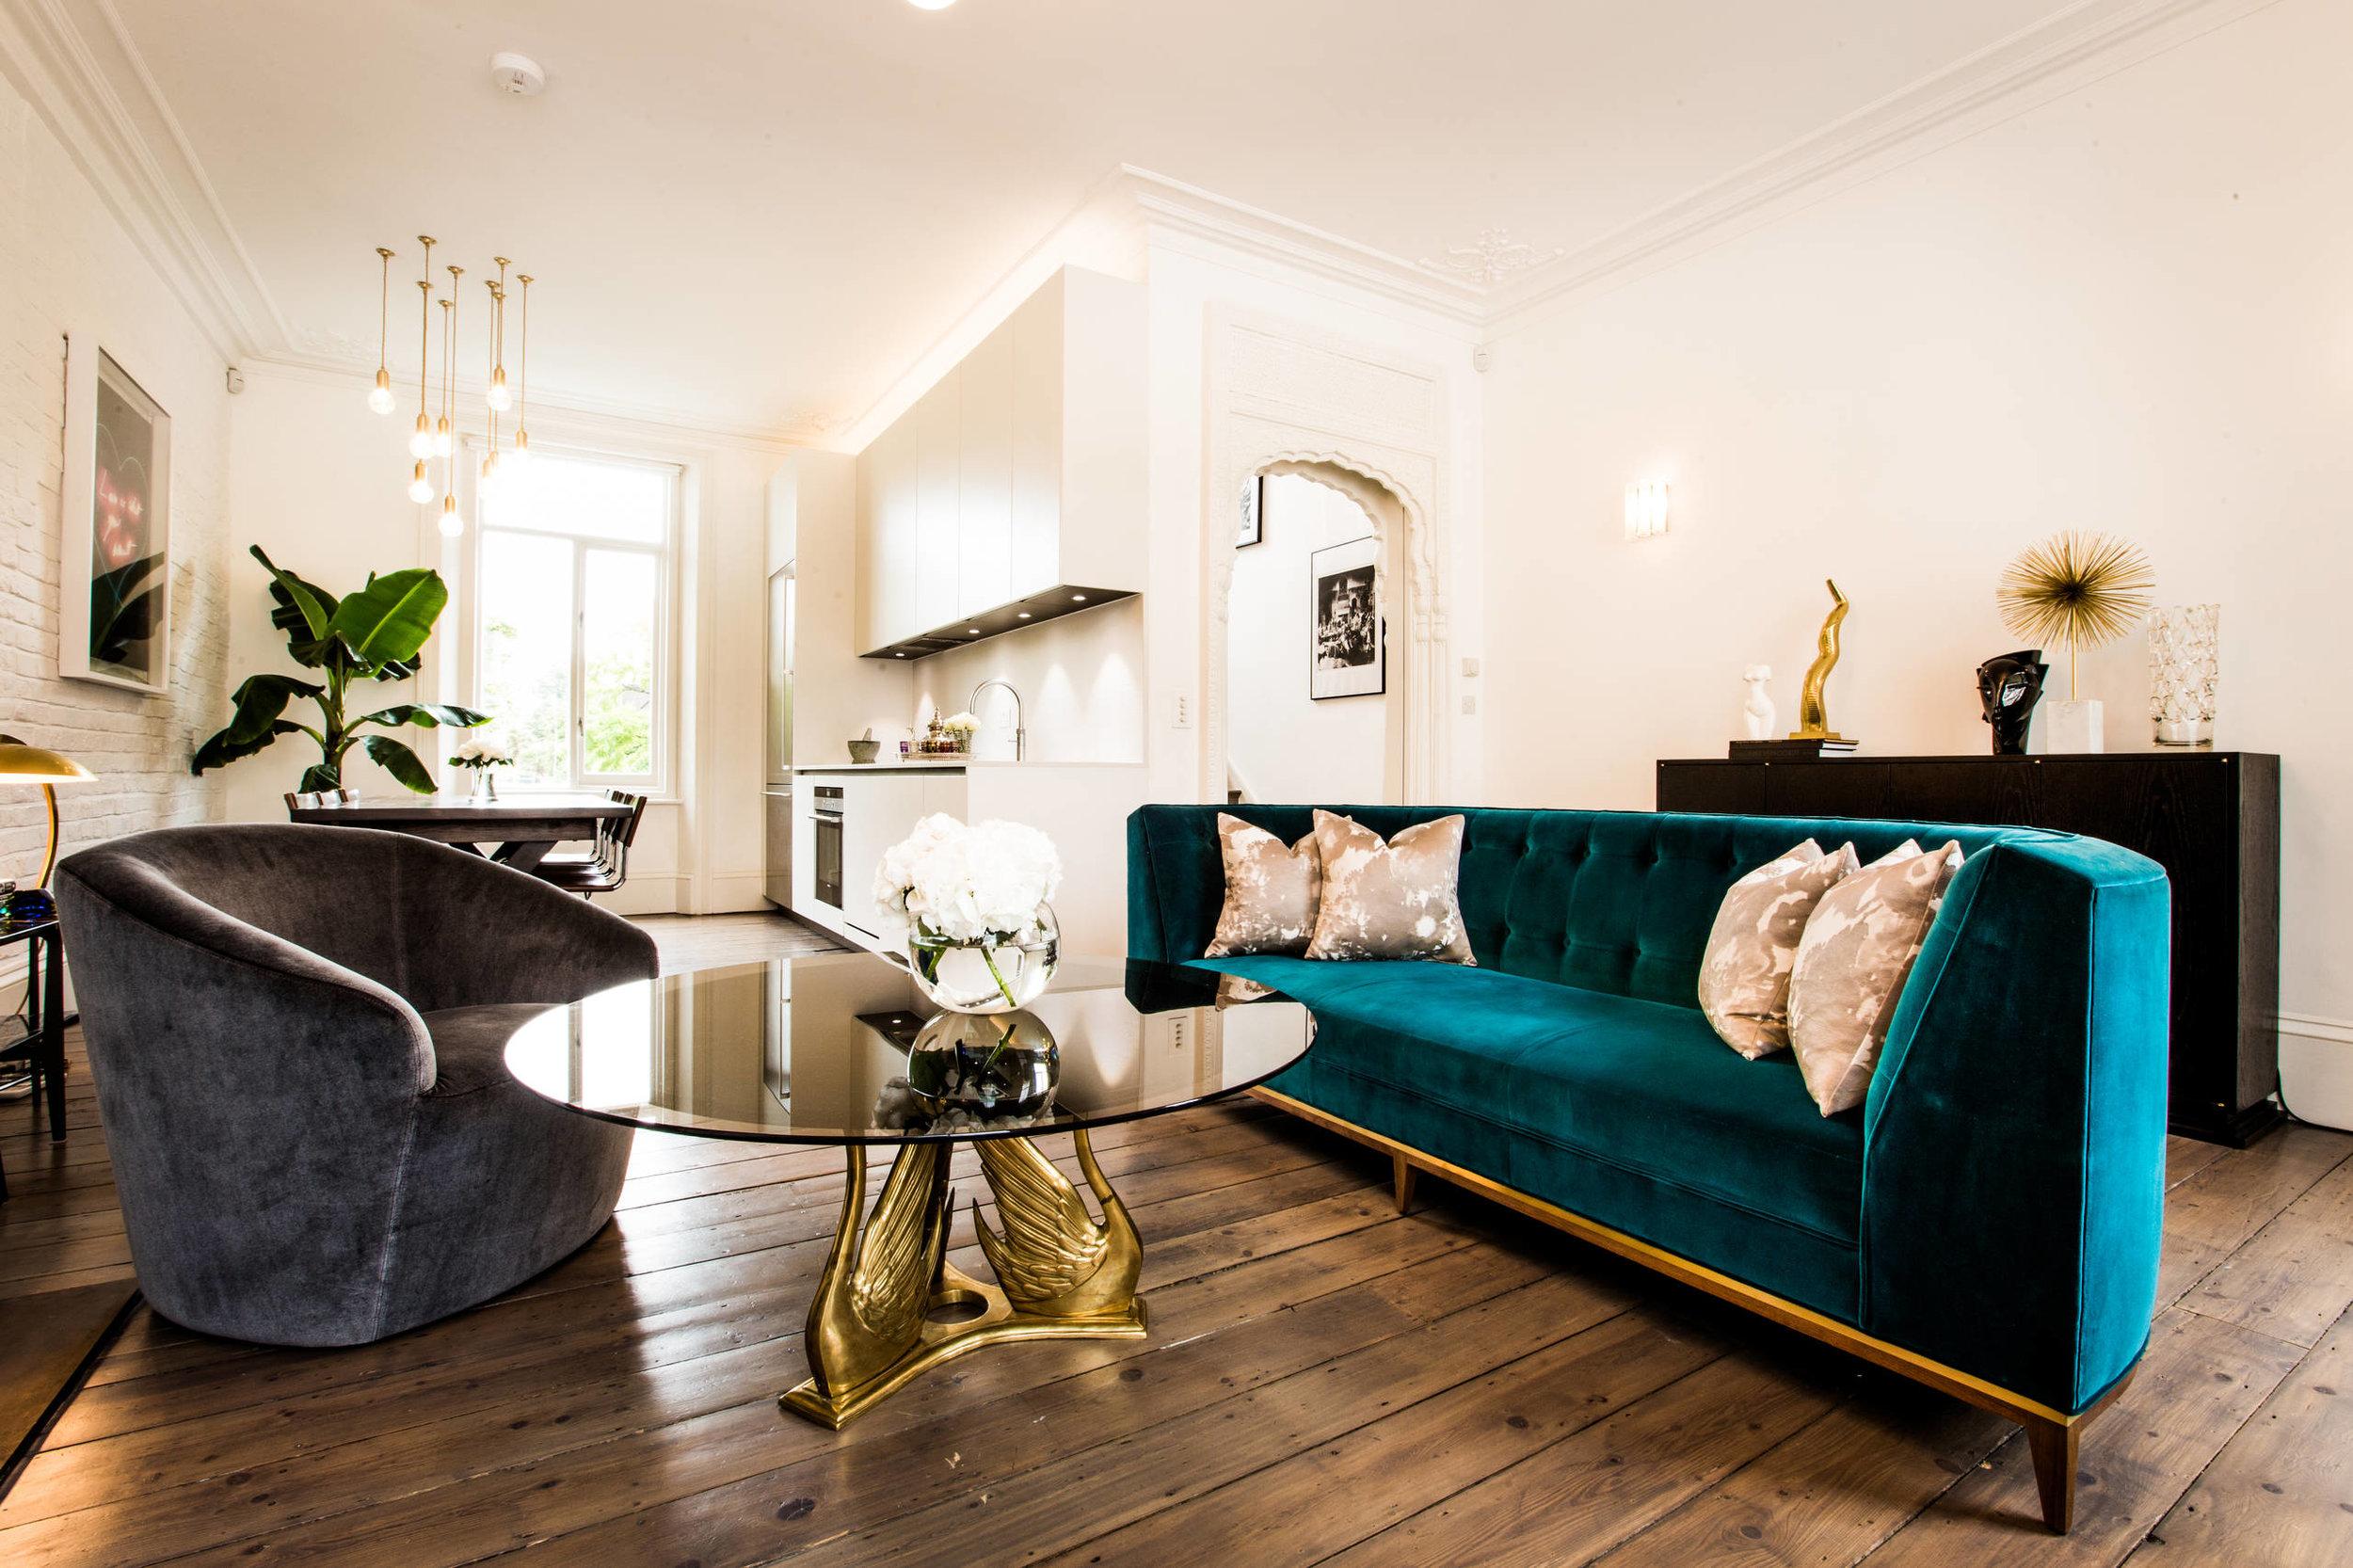 Curvy velvet furniture in deep jewel tones.